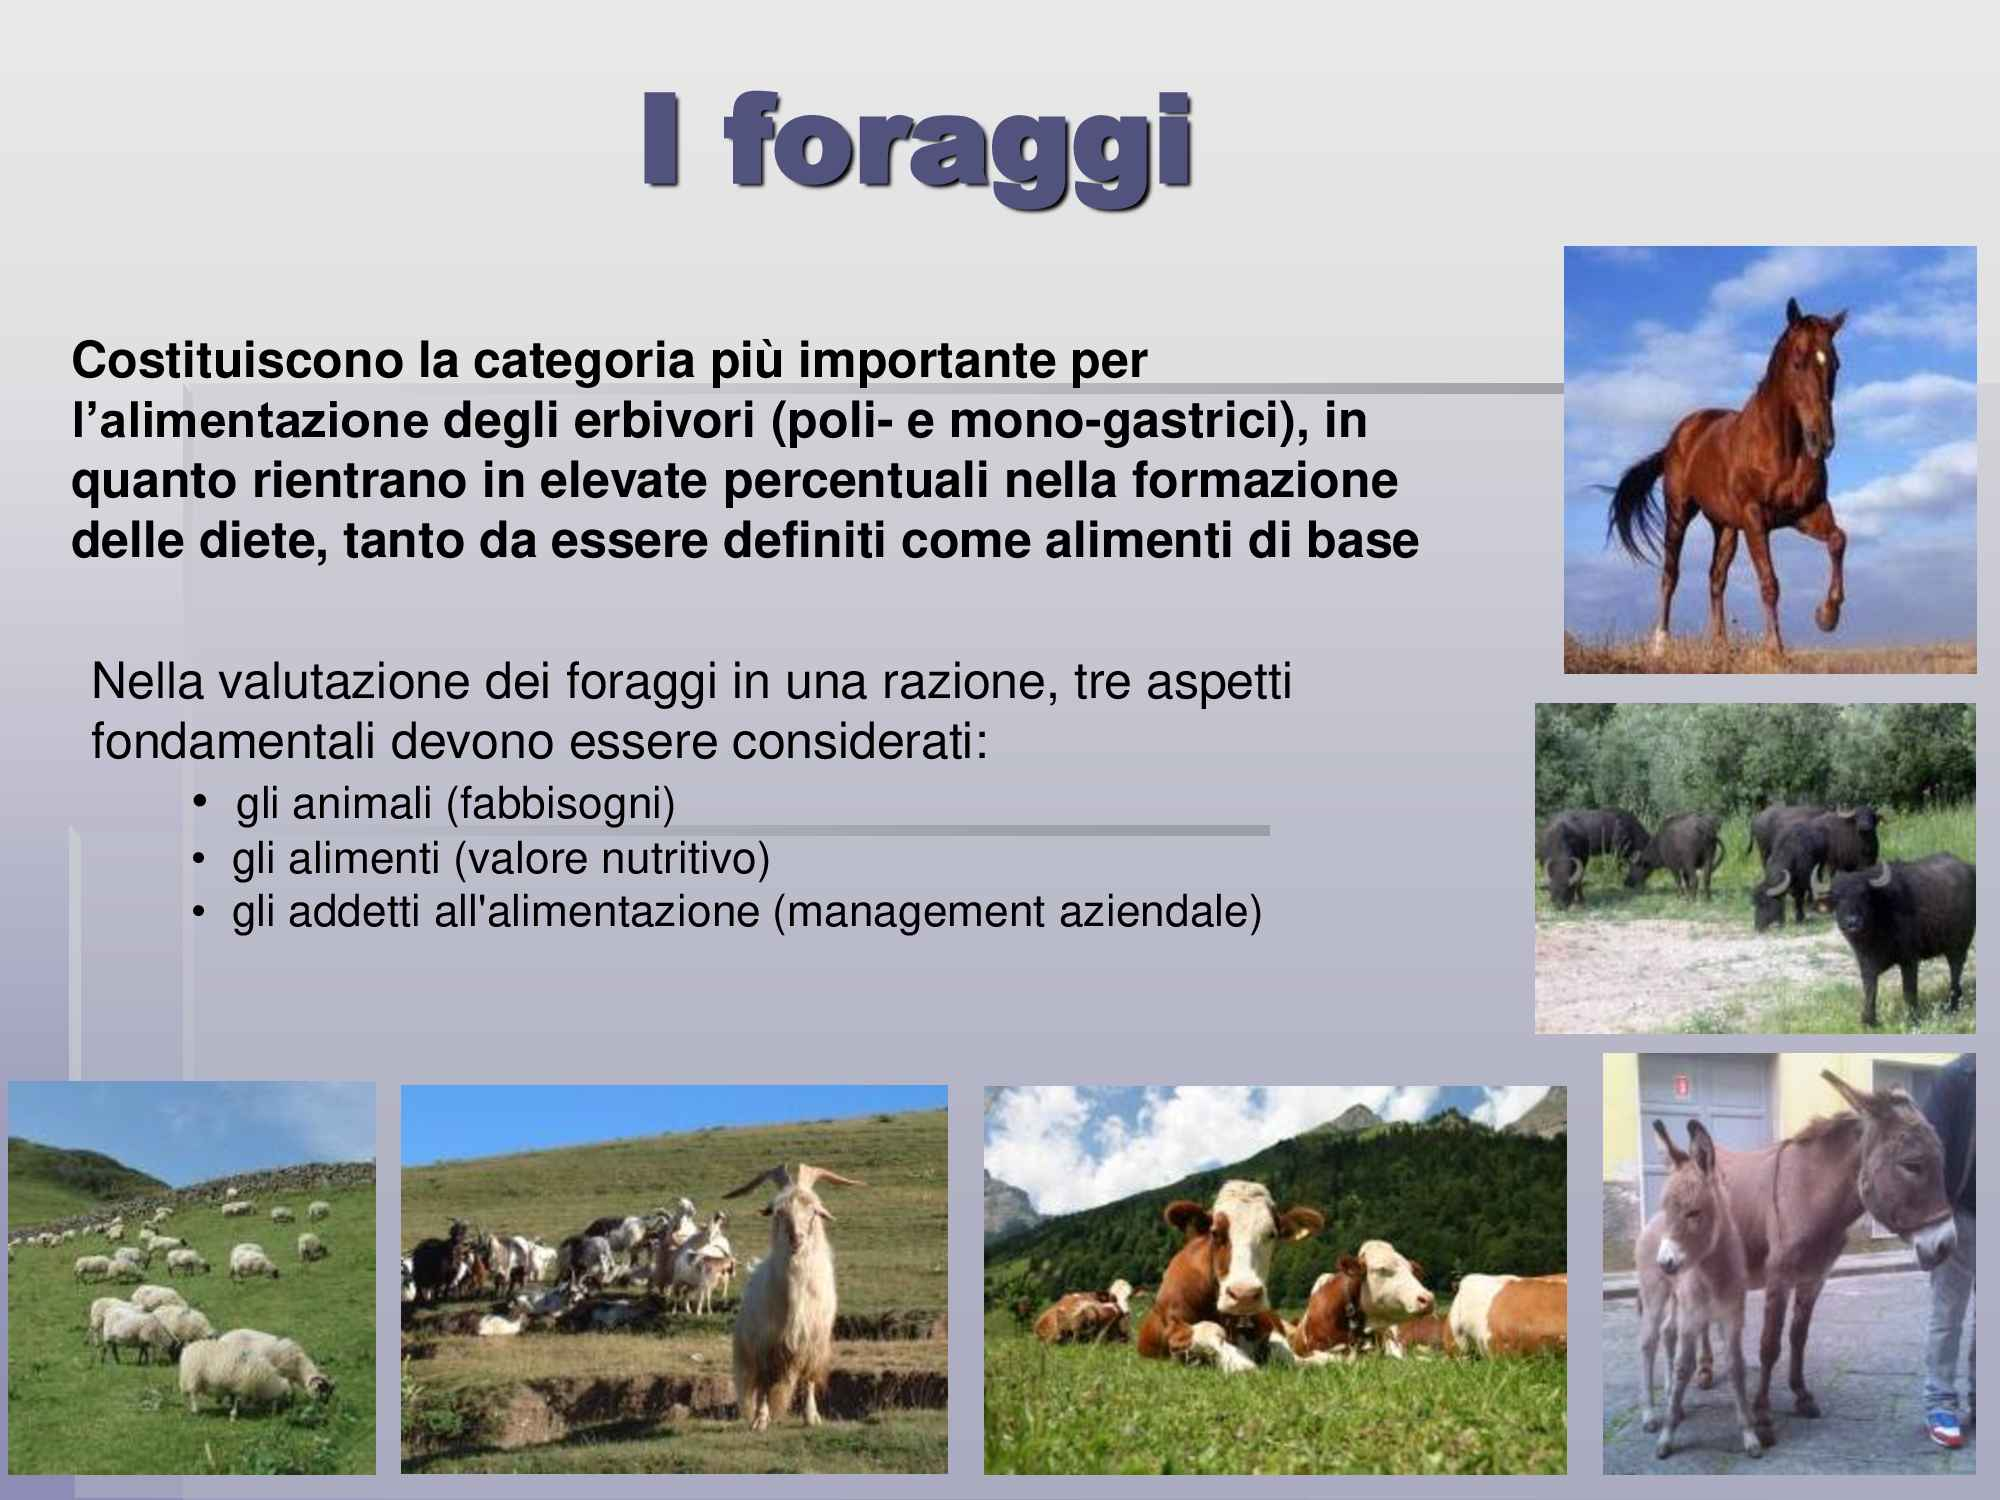 Alimentazione animale: i foraggi